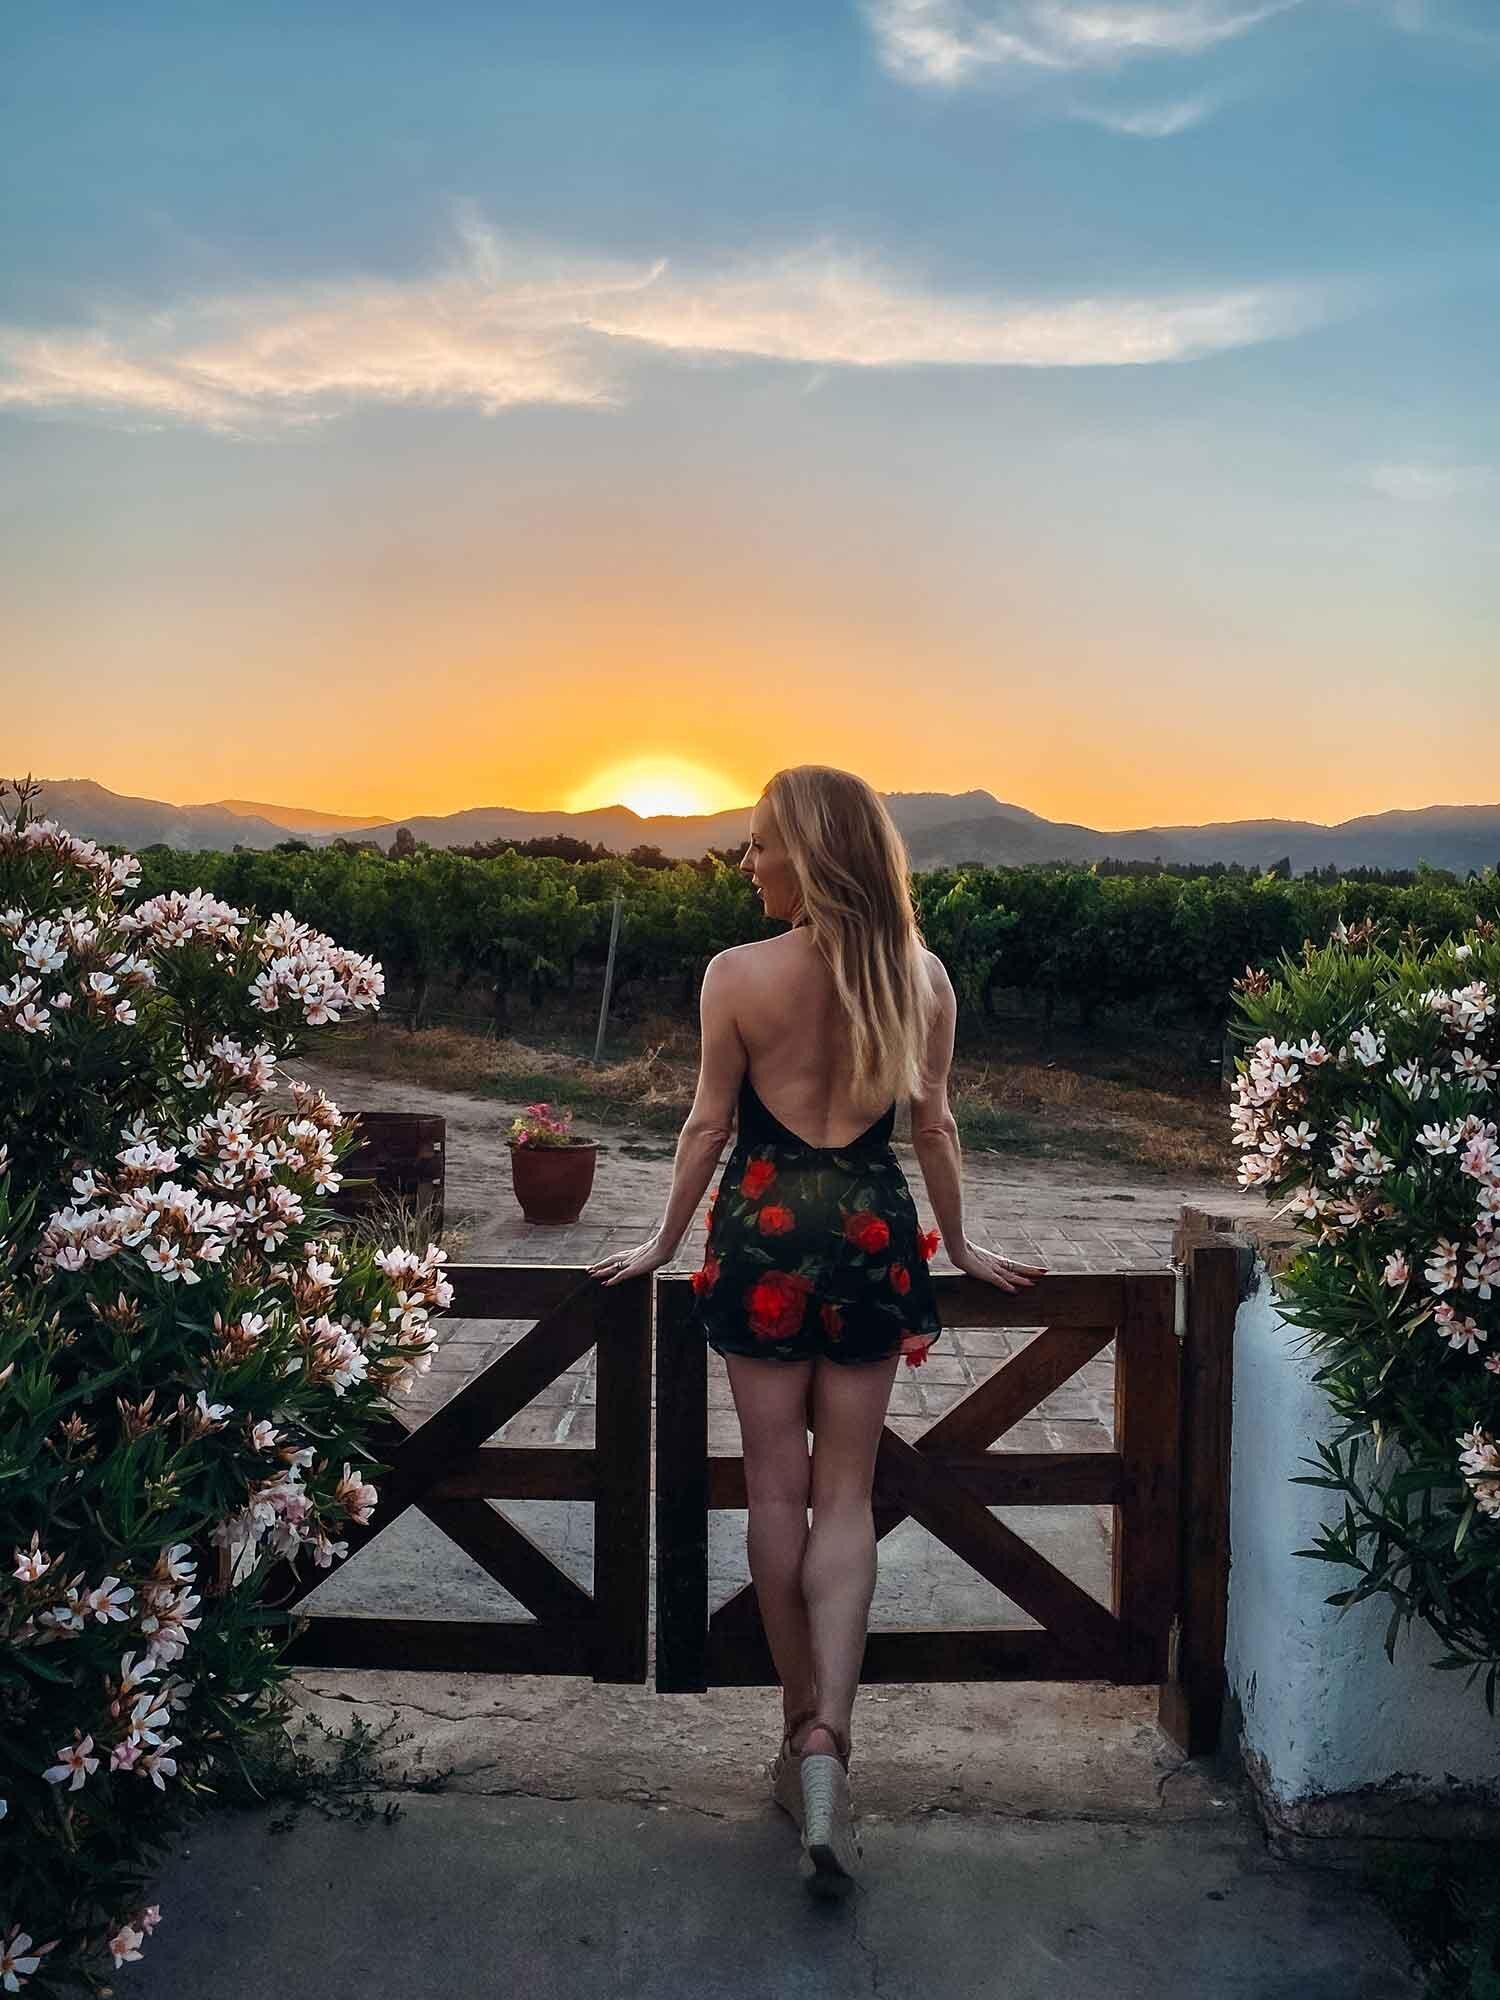 Sunset at Vina Bello Restaurant, Santa Cruz, Colchagua Valley, Chile